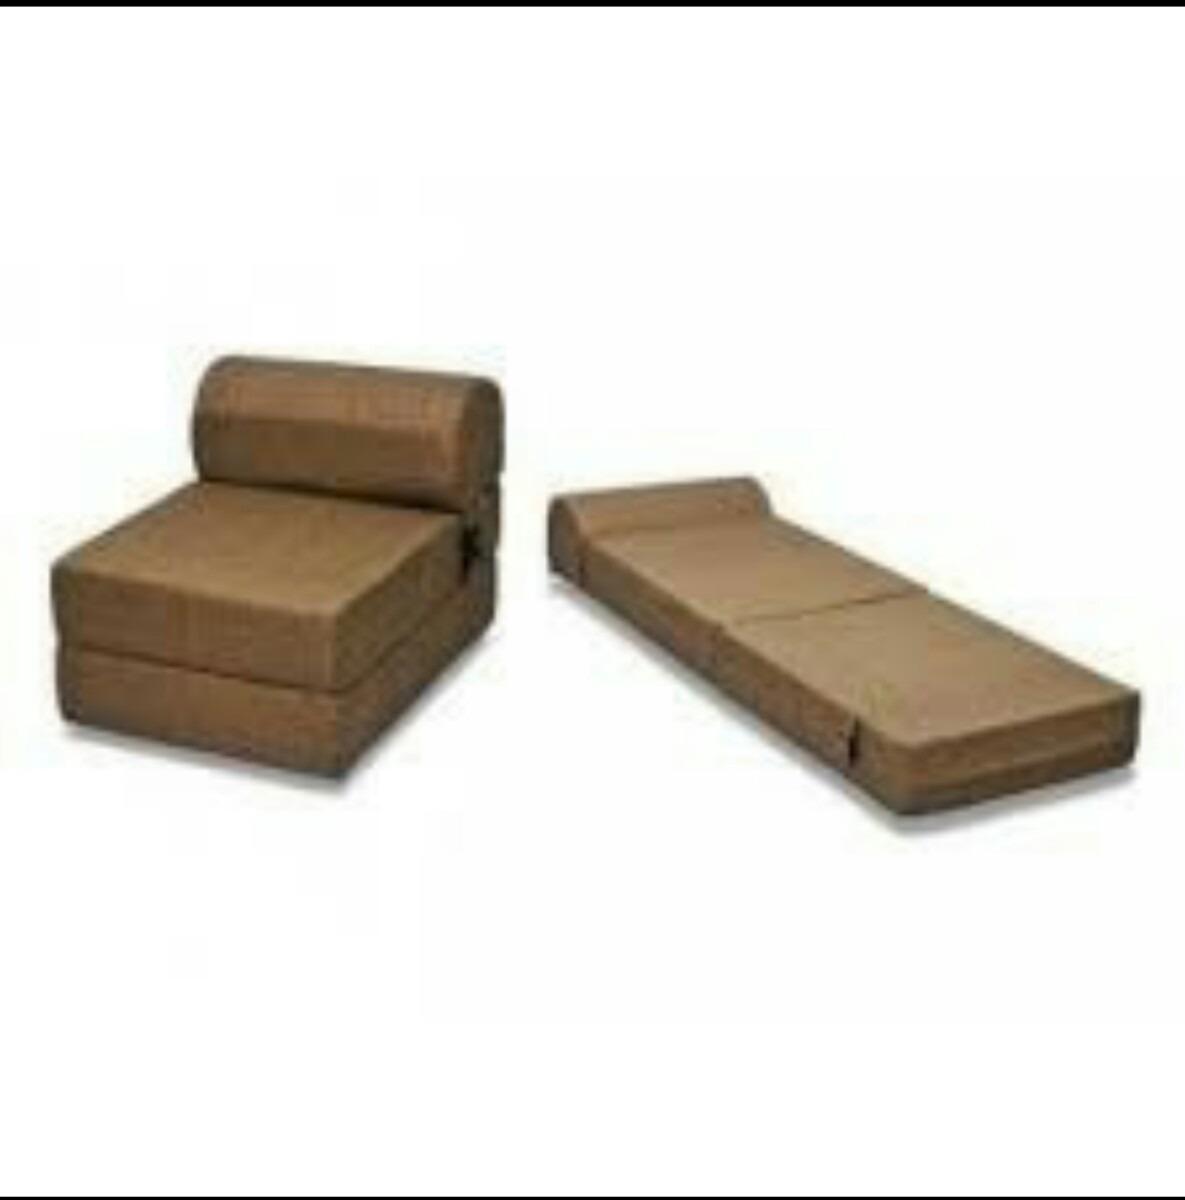 Sofa cama paradise bs en mercado libre for Sofa cama mercado libre